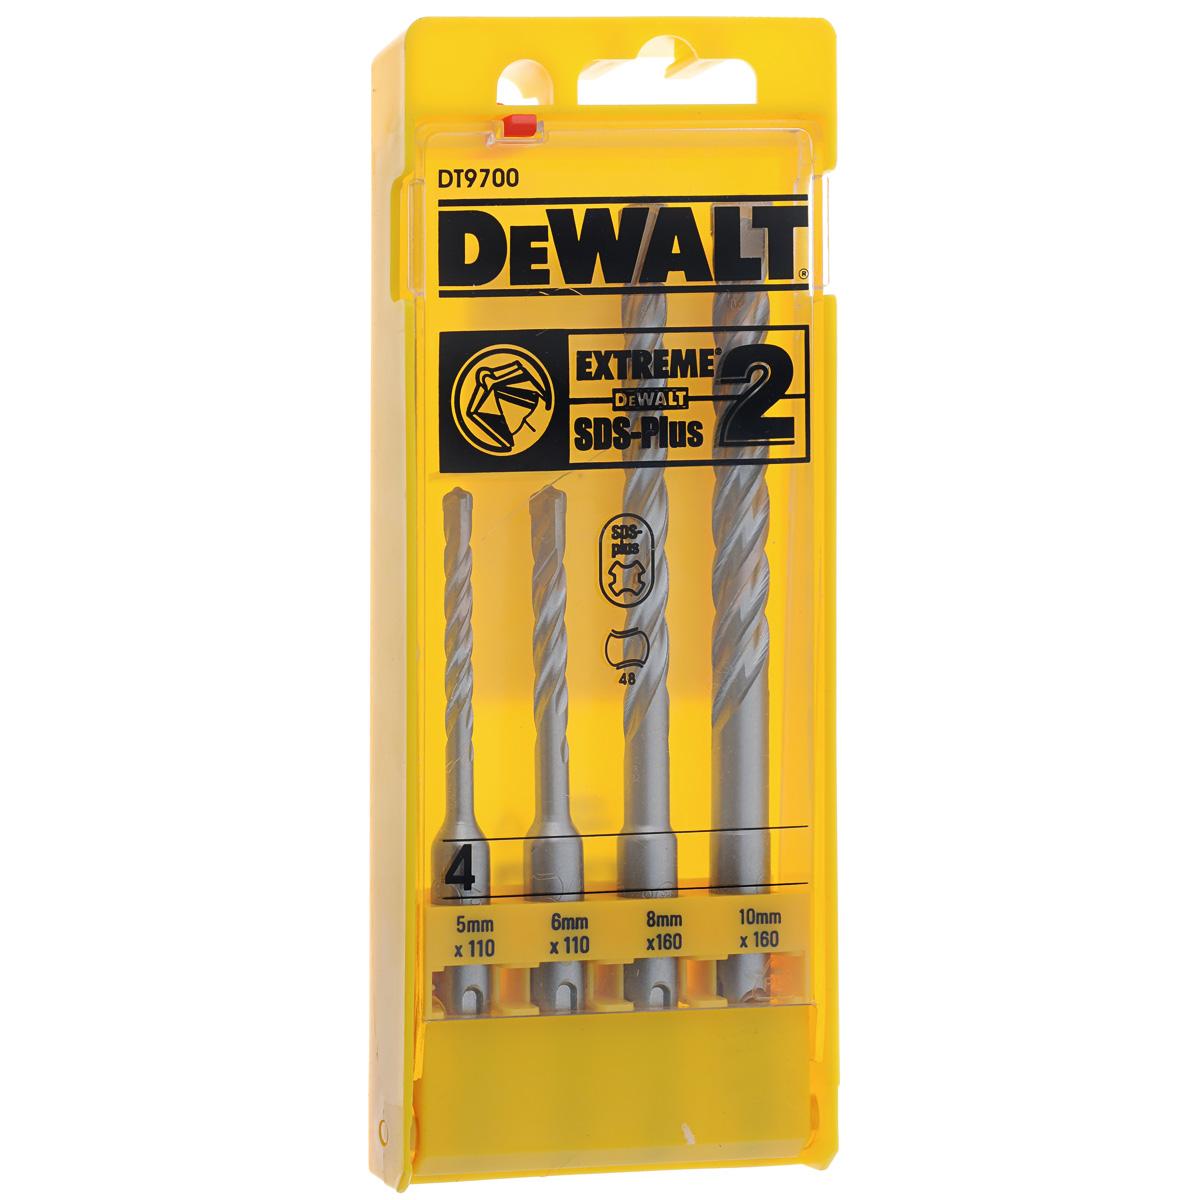 Набор буров DeWalt DT 9700, 4 предметаDT 9700Набор буров DeWalt DT 9700 используются для просверливания отверстий в твердом материале (бетонная стена, кирпичная кладка и т.д.). Канавки особой формы эффективно отводят шлам во время работы. Сердечник закален, что увеличивает прочность и надежность бура. В набор входят 4 бура разных диаметров: 2 бура длиной 110 мм и диаметром 5 и 6 мм, 2 бура длиной 160 мм и диаметром 8 мм и 10 мм.